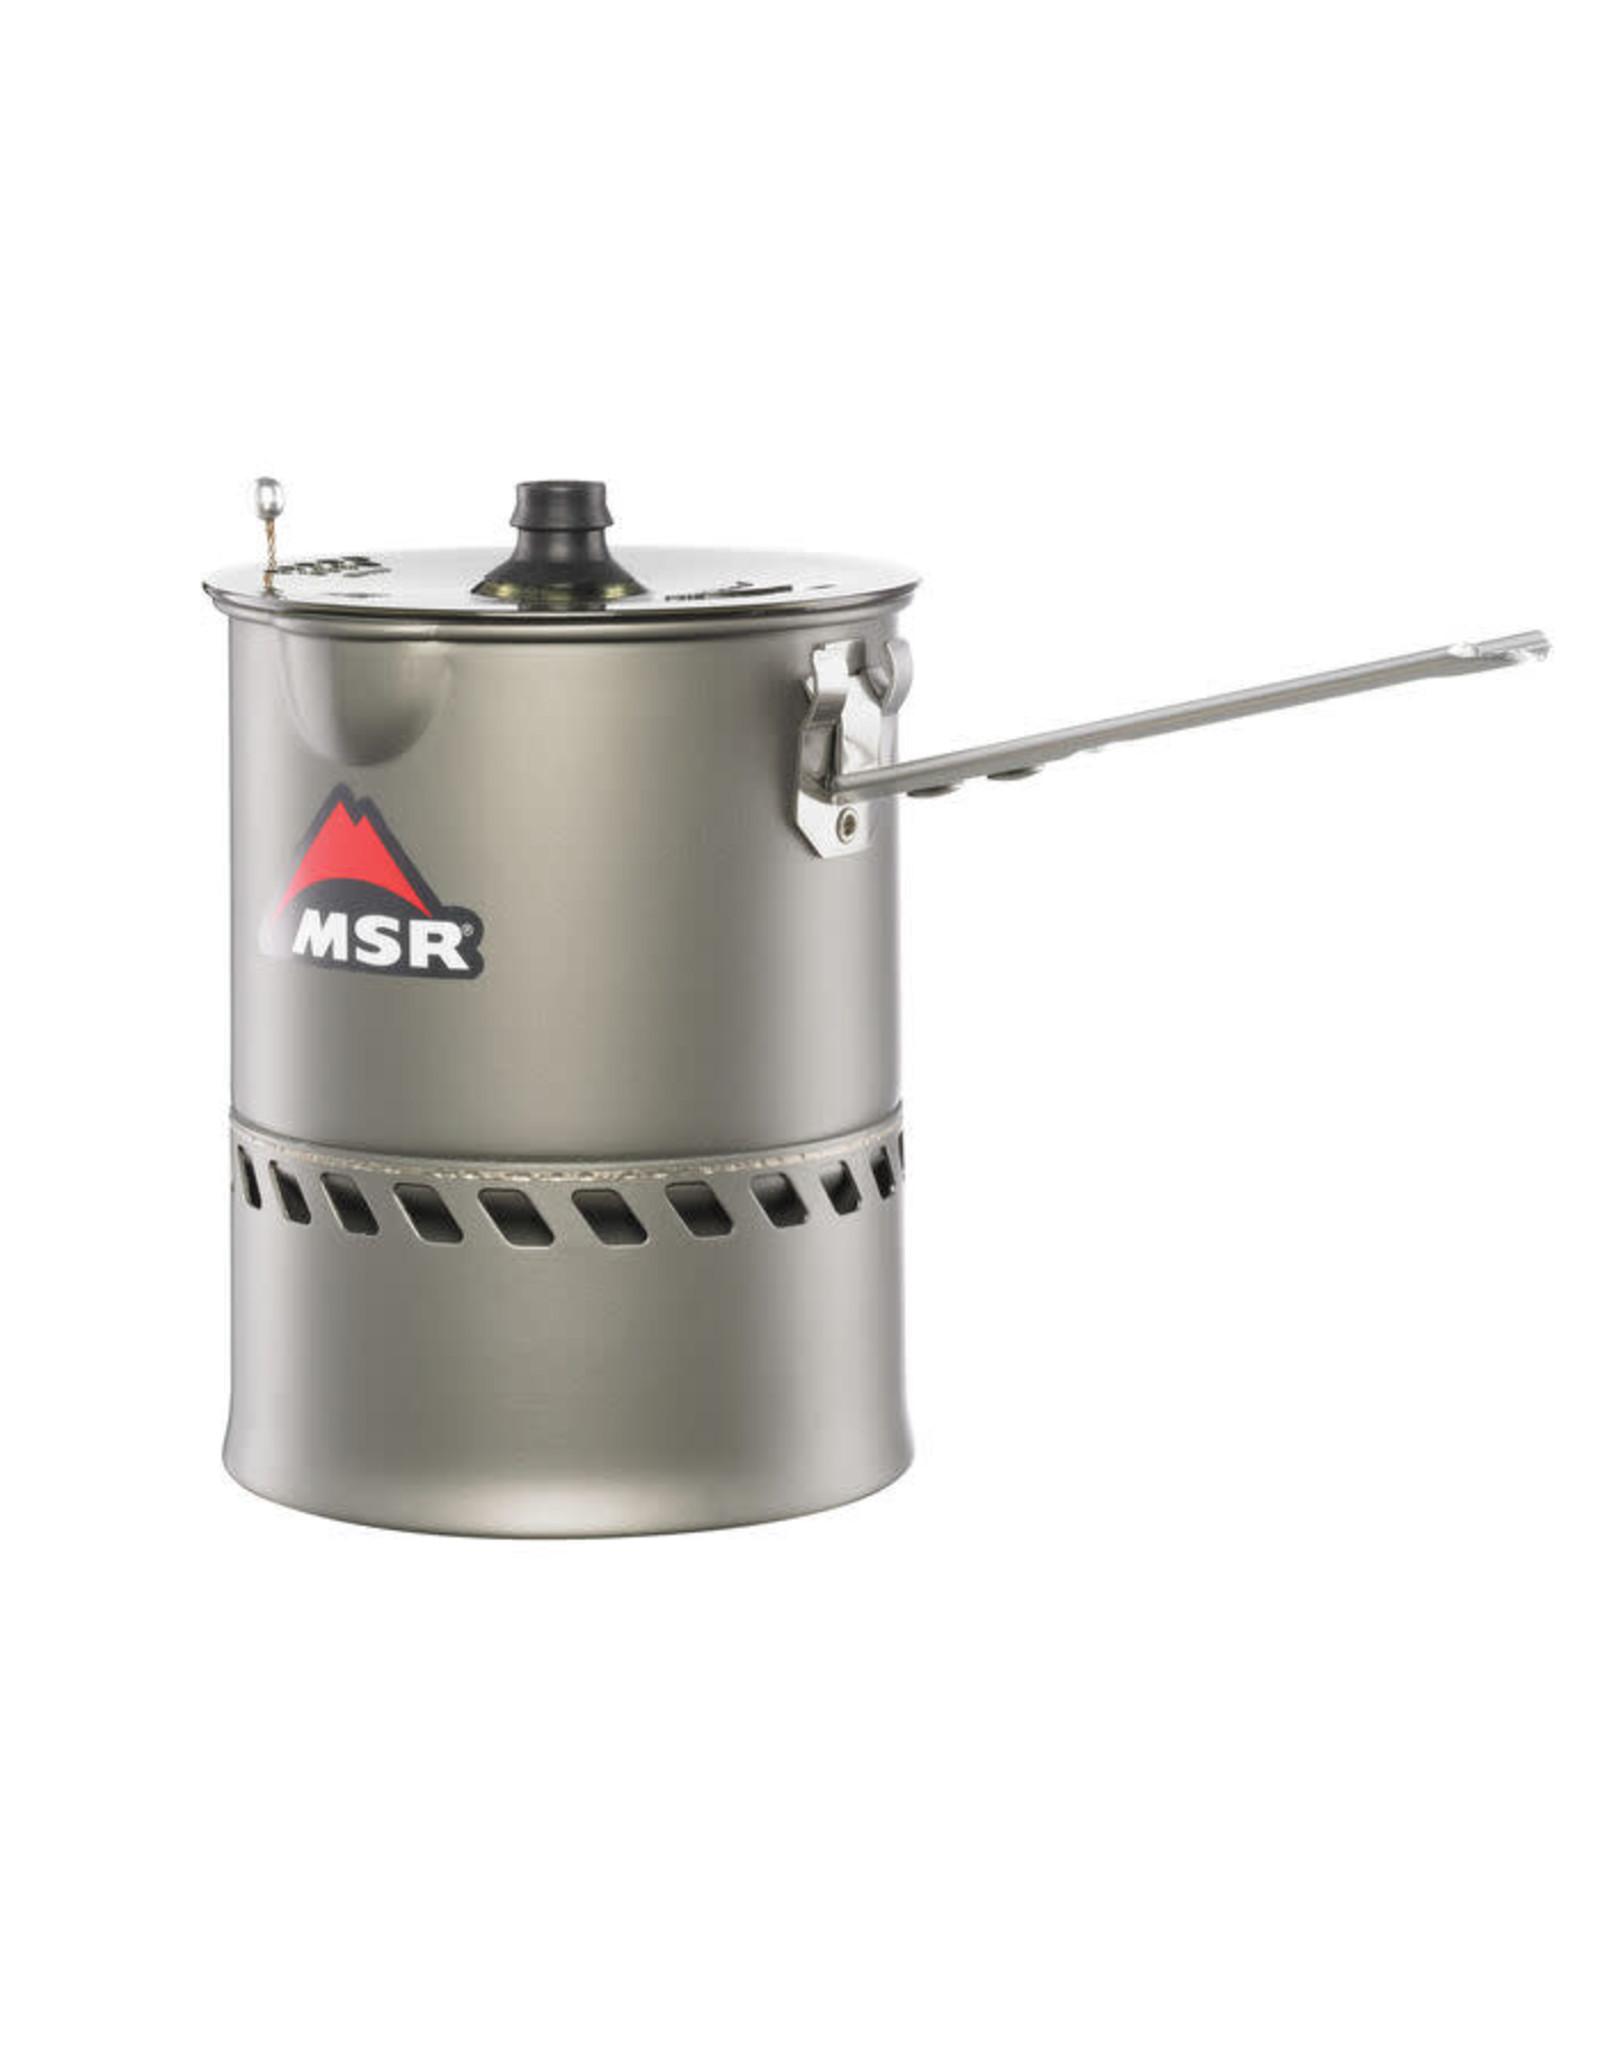 MSR MSR REACTOR 1.0L POT 06900